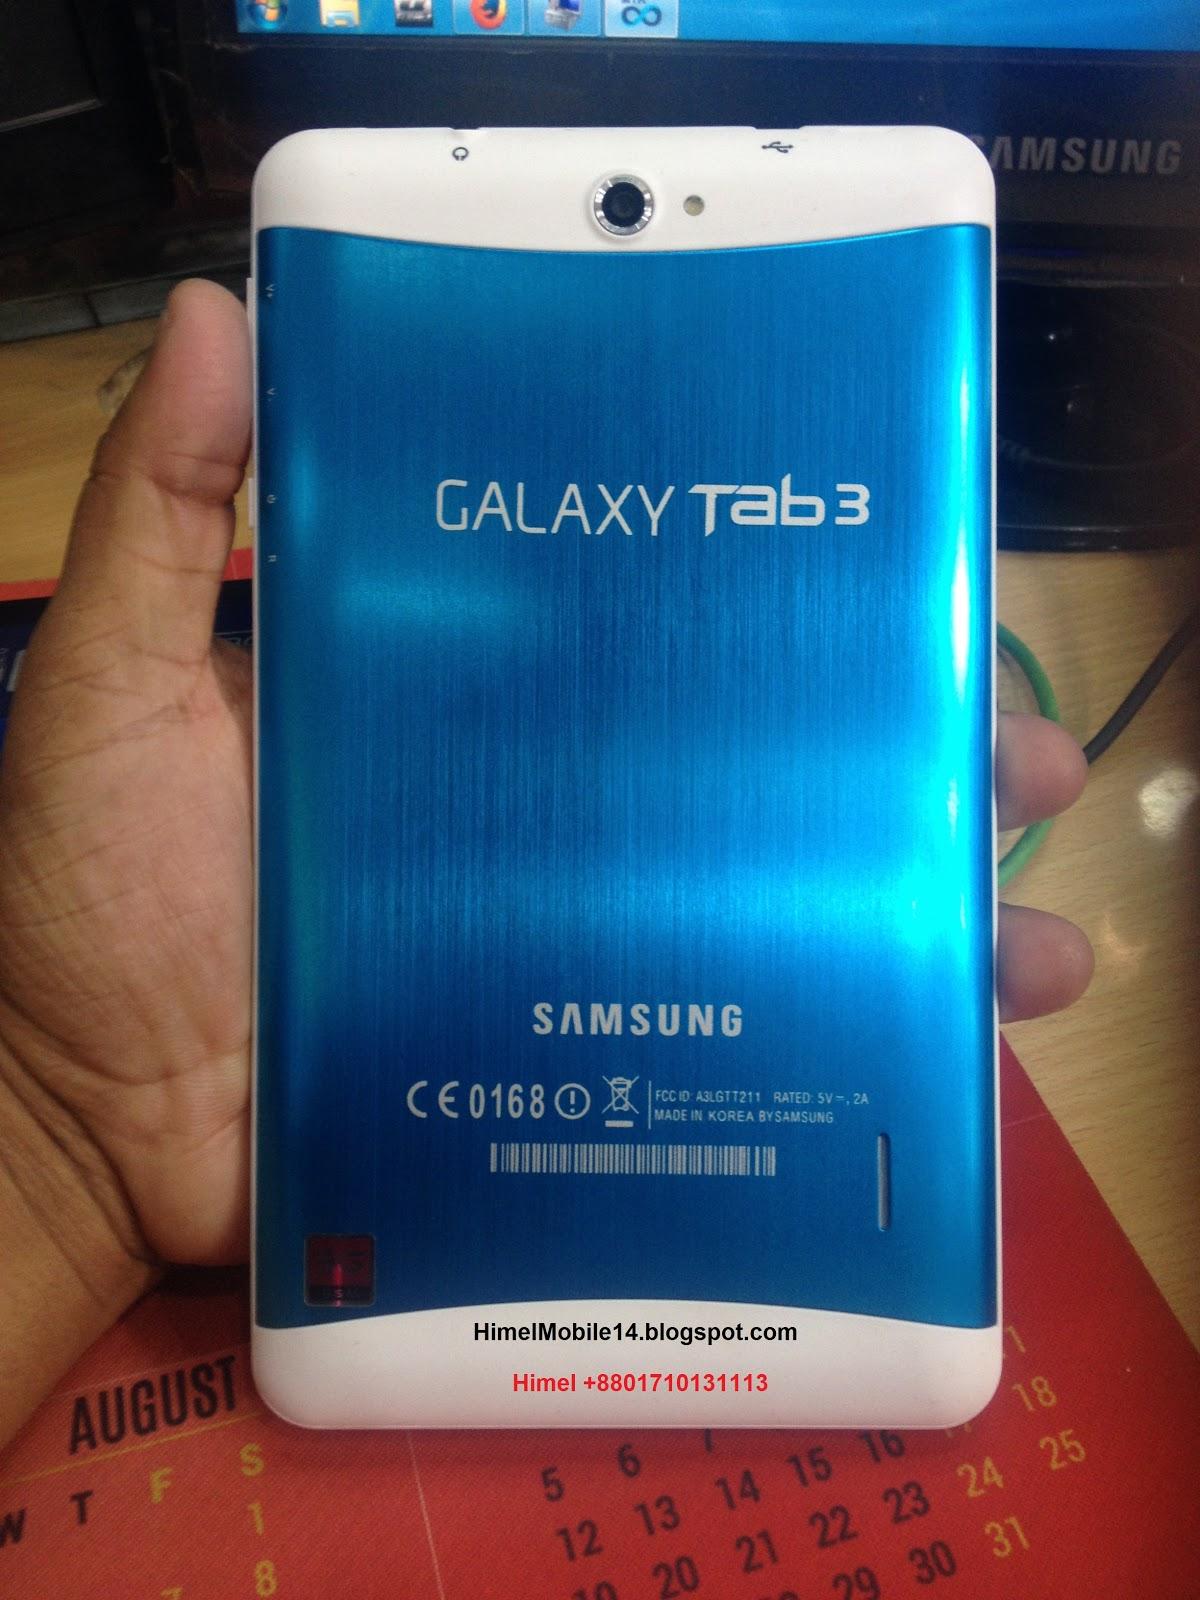 Стоковая прошивка android 5 для samsung galaxy s3